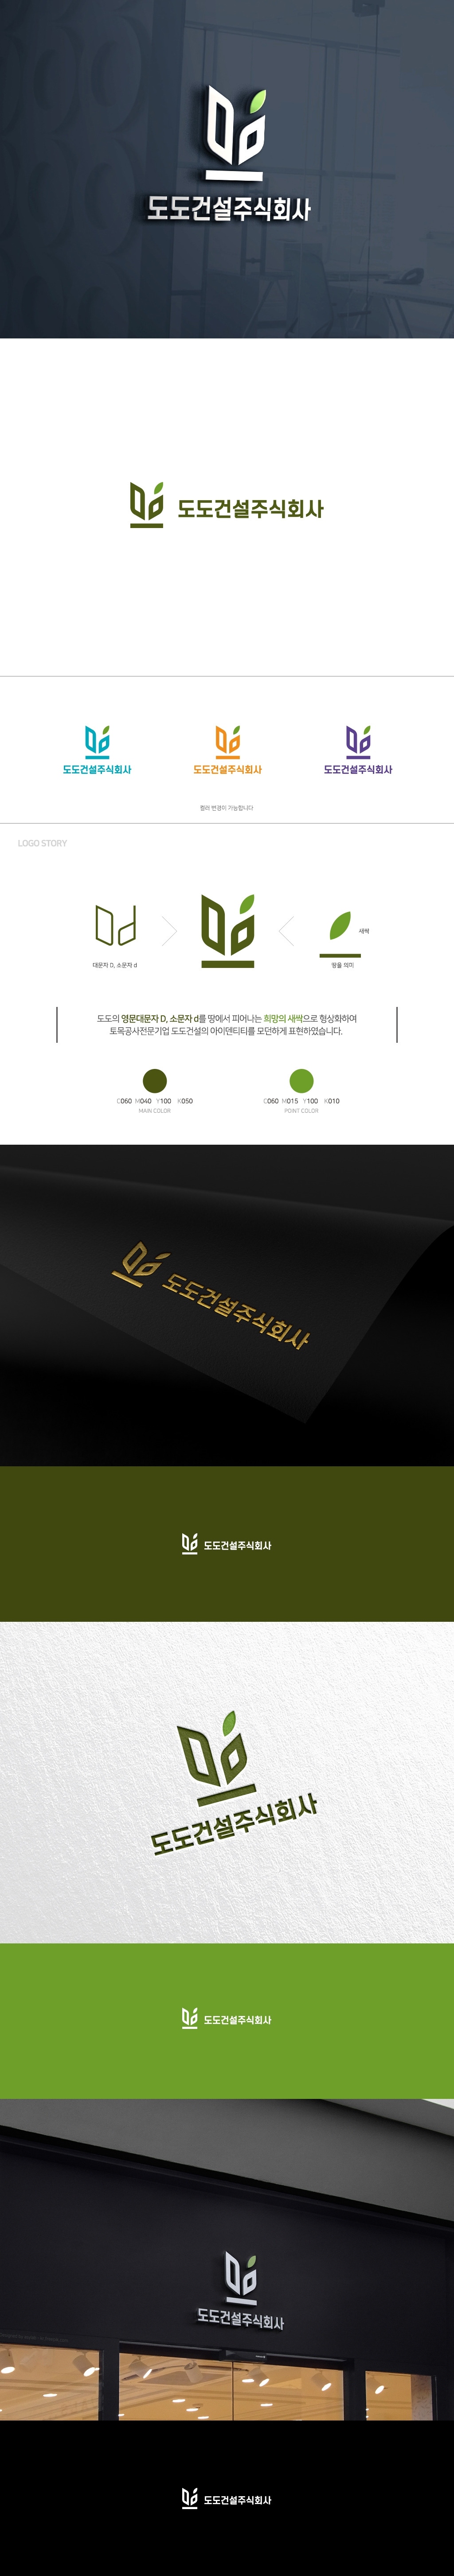 로고+간판 디자인 | 도도건설 로고 디자인 의뢰 | 라우드소싱 포트폴리오